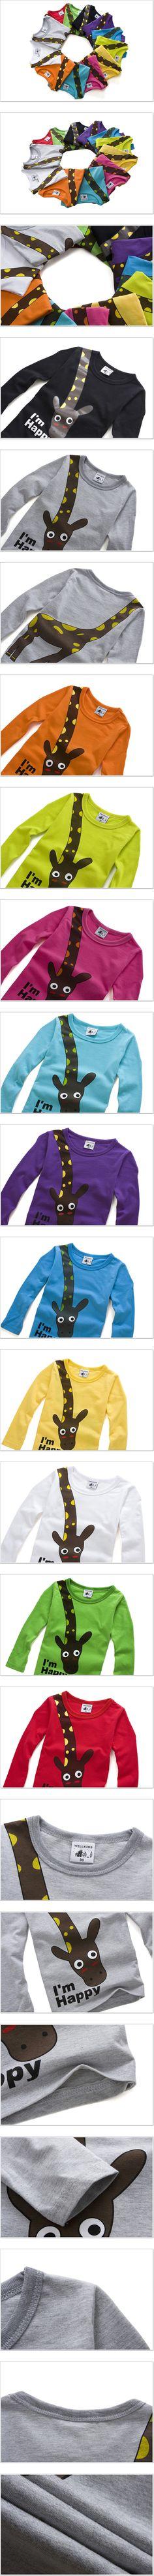 Vente HOT NEW 2015 à manches longues Giraffe je suis heureux t shirt garçons enfants Top manches longues vêtements décontractés bébé vêtements dans Tee-shirts de Produits pour bébés sur AliExpress.com | Alibaba Group